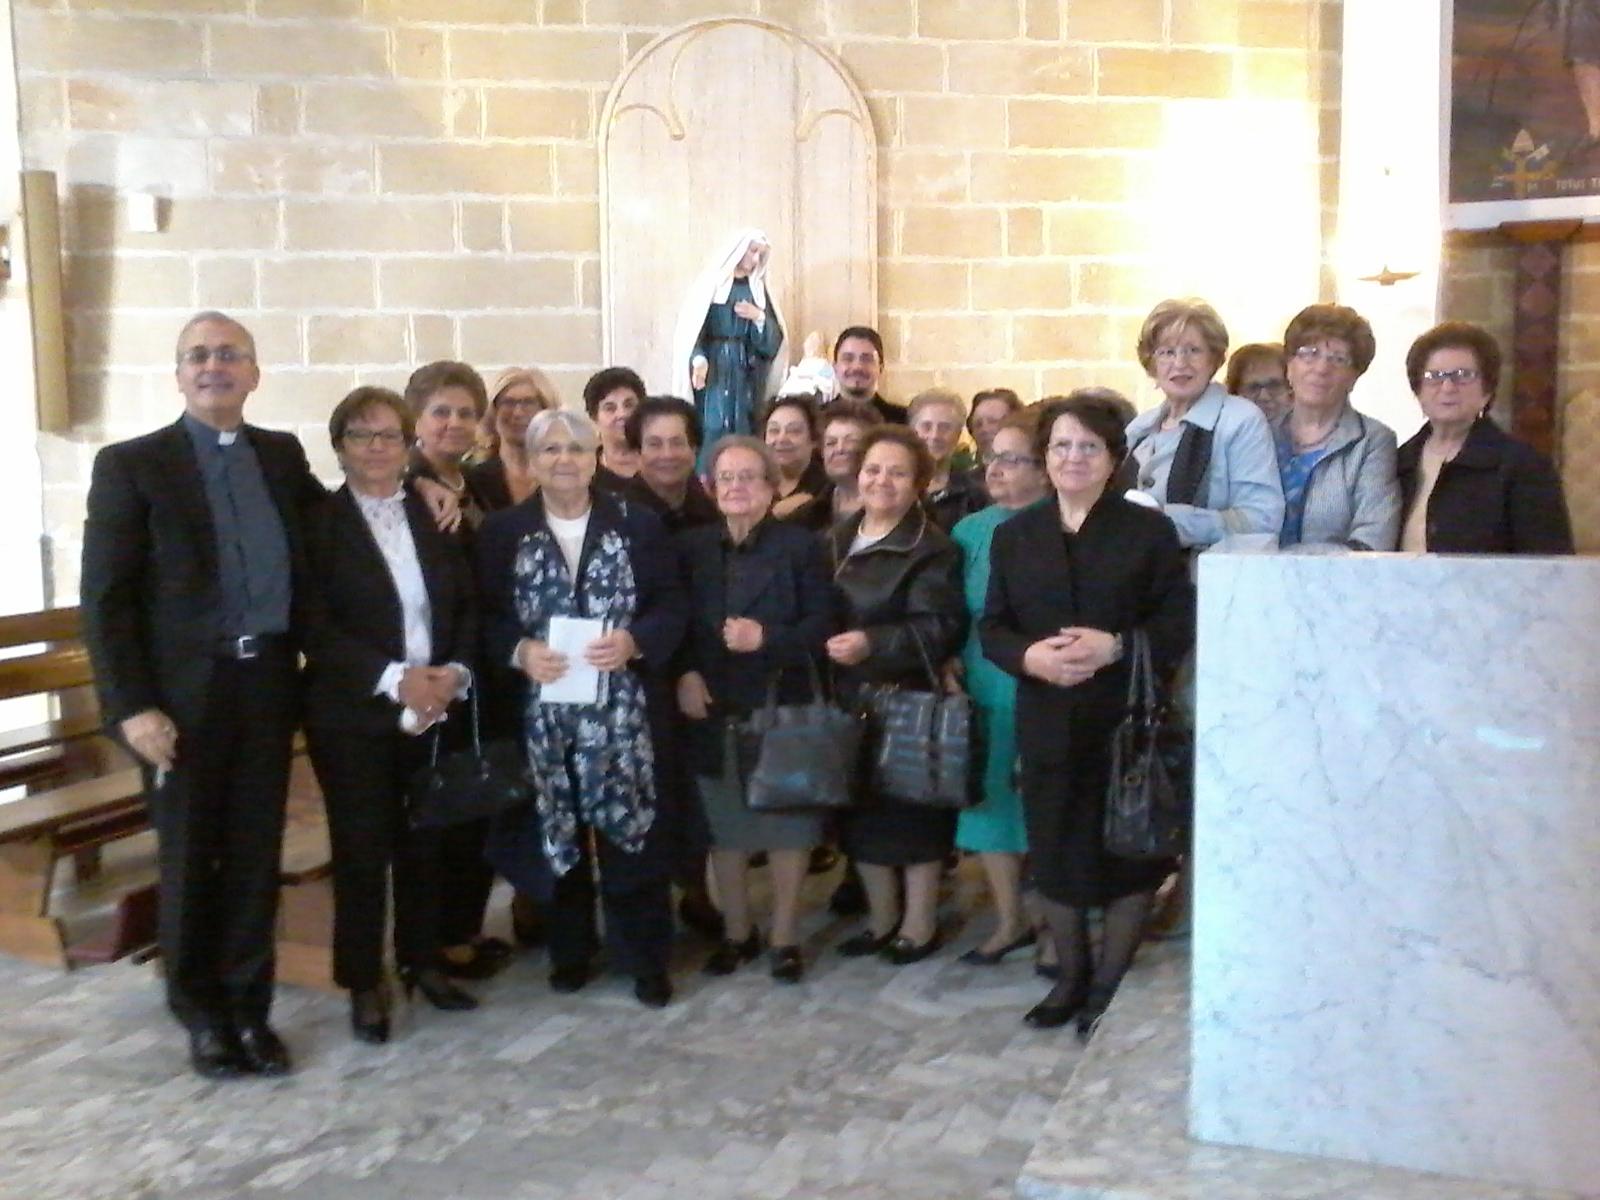 benedizione e presentazione alla comunita' di santa francescasperanza e vita